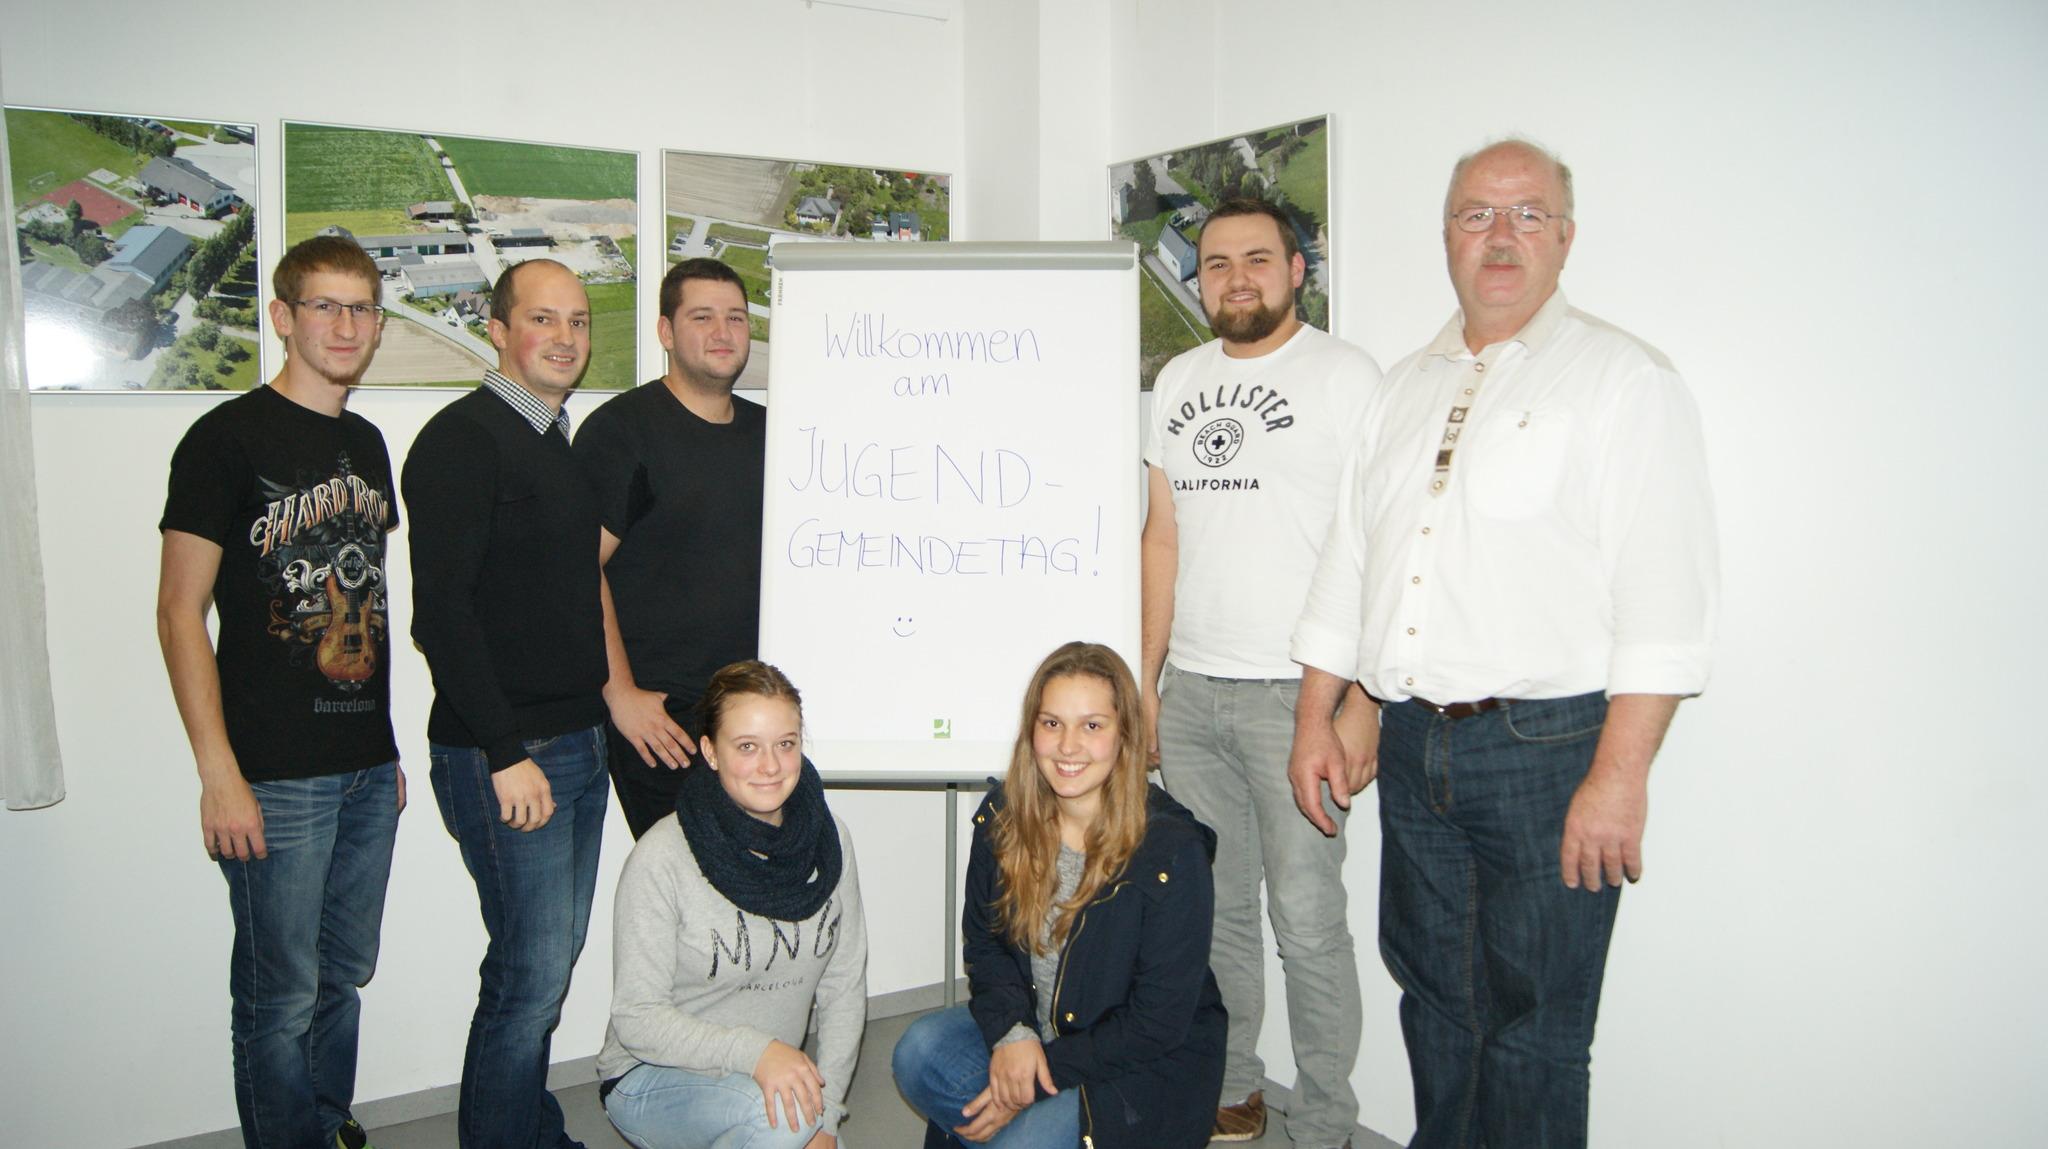 Gesund im Alter - Obritzberg-Rust - RiS-Kommunal - Startseite